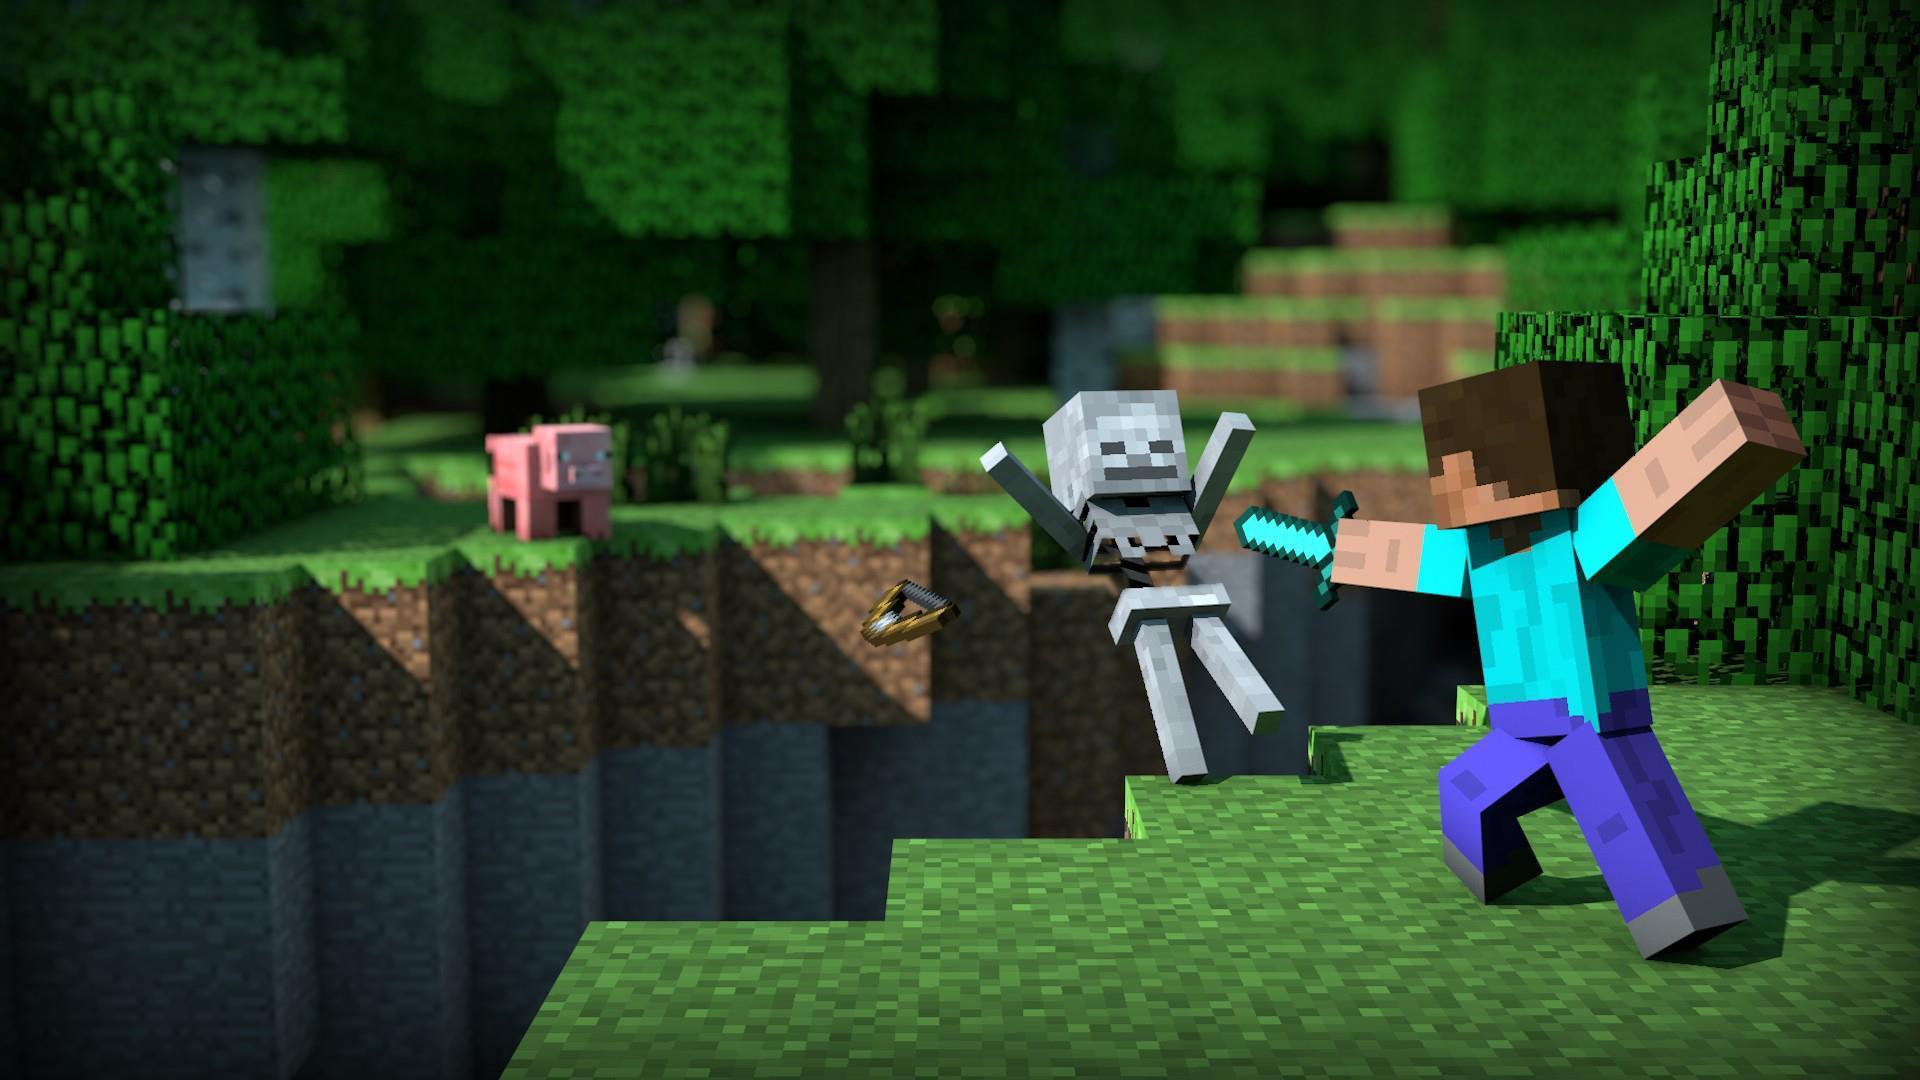 Minecraft in 2021